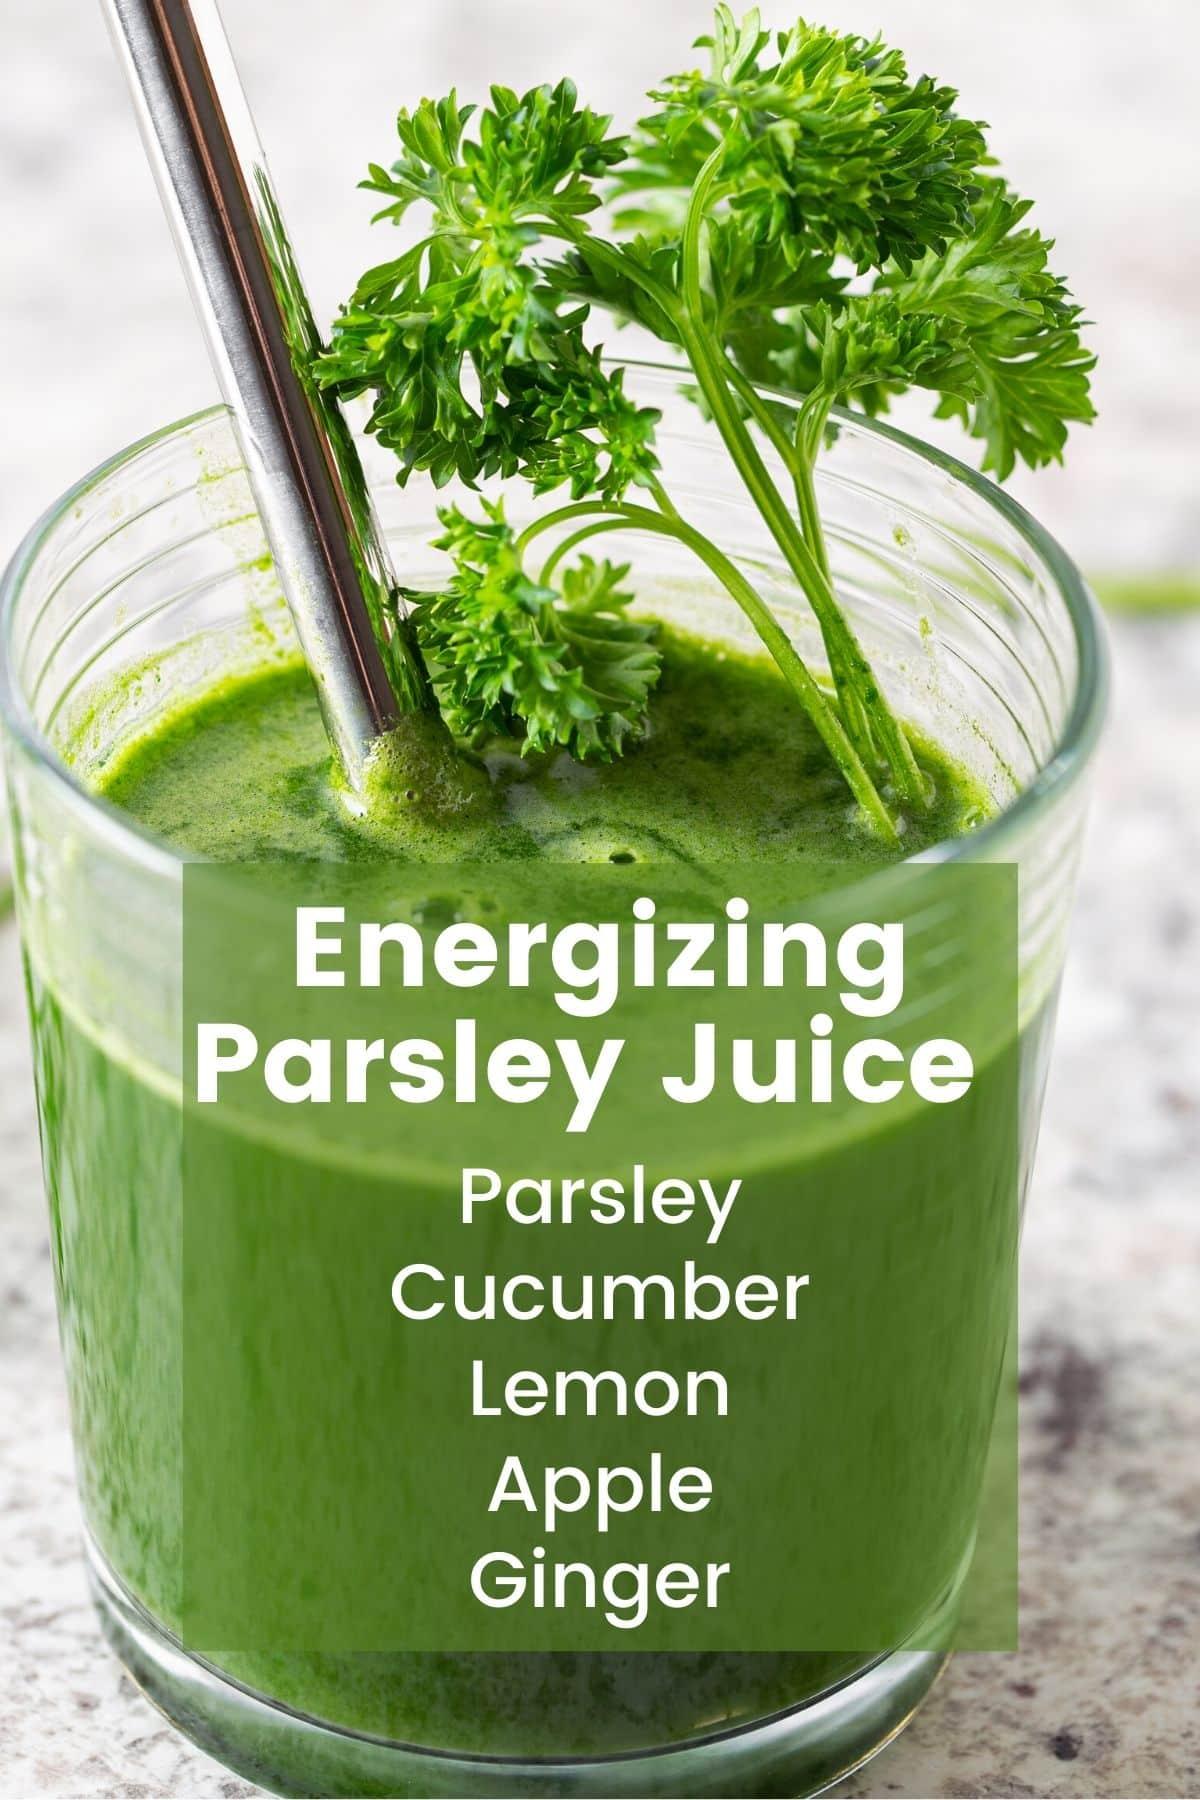 parsley juice infographic